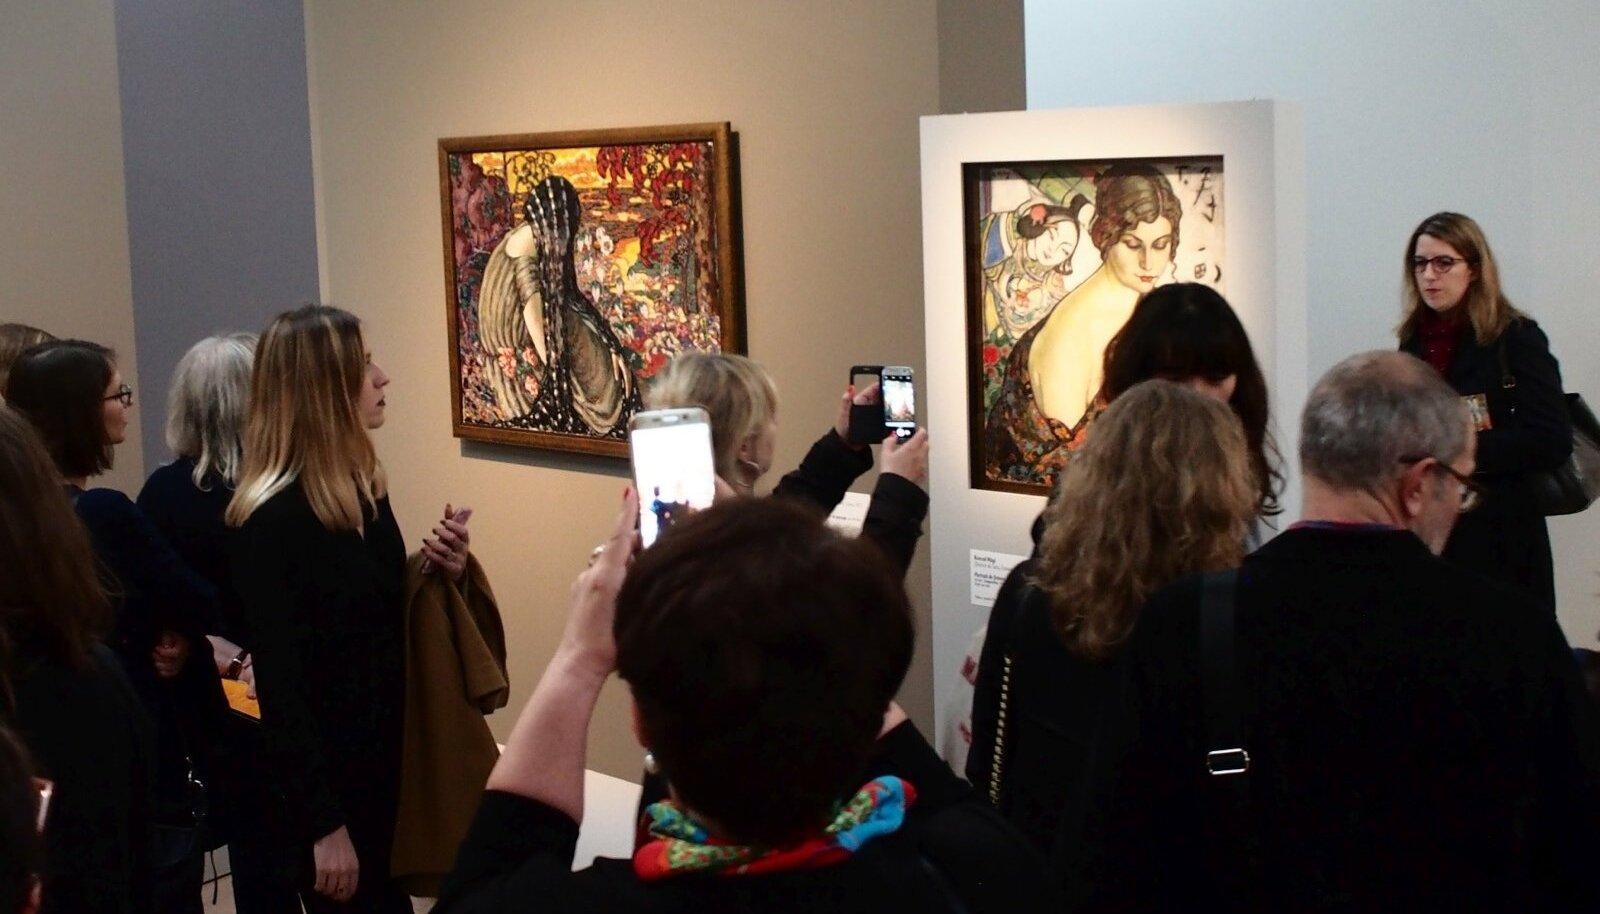 """EESTI KUNSTI KLASSIKA PARIISIS: Konrad Mägi maalid """"Meditatsioon"""" (vasakul) ja """"Naise portree"""" Orsays, 1986. aastal endises raudteejaamas avatud kunstimuuseumis, mis on üks Euroopa suurimaid."""